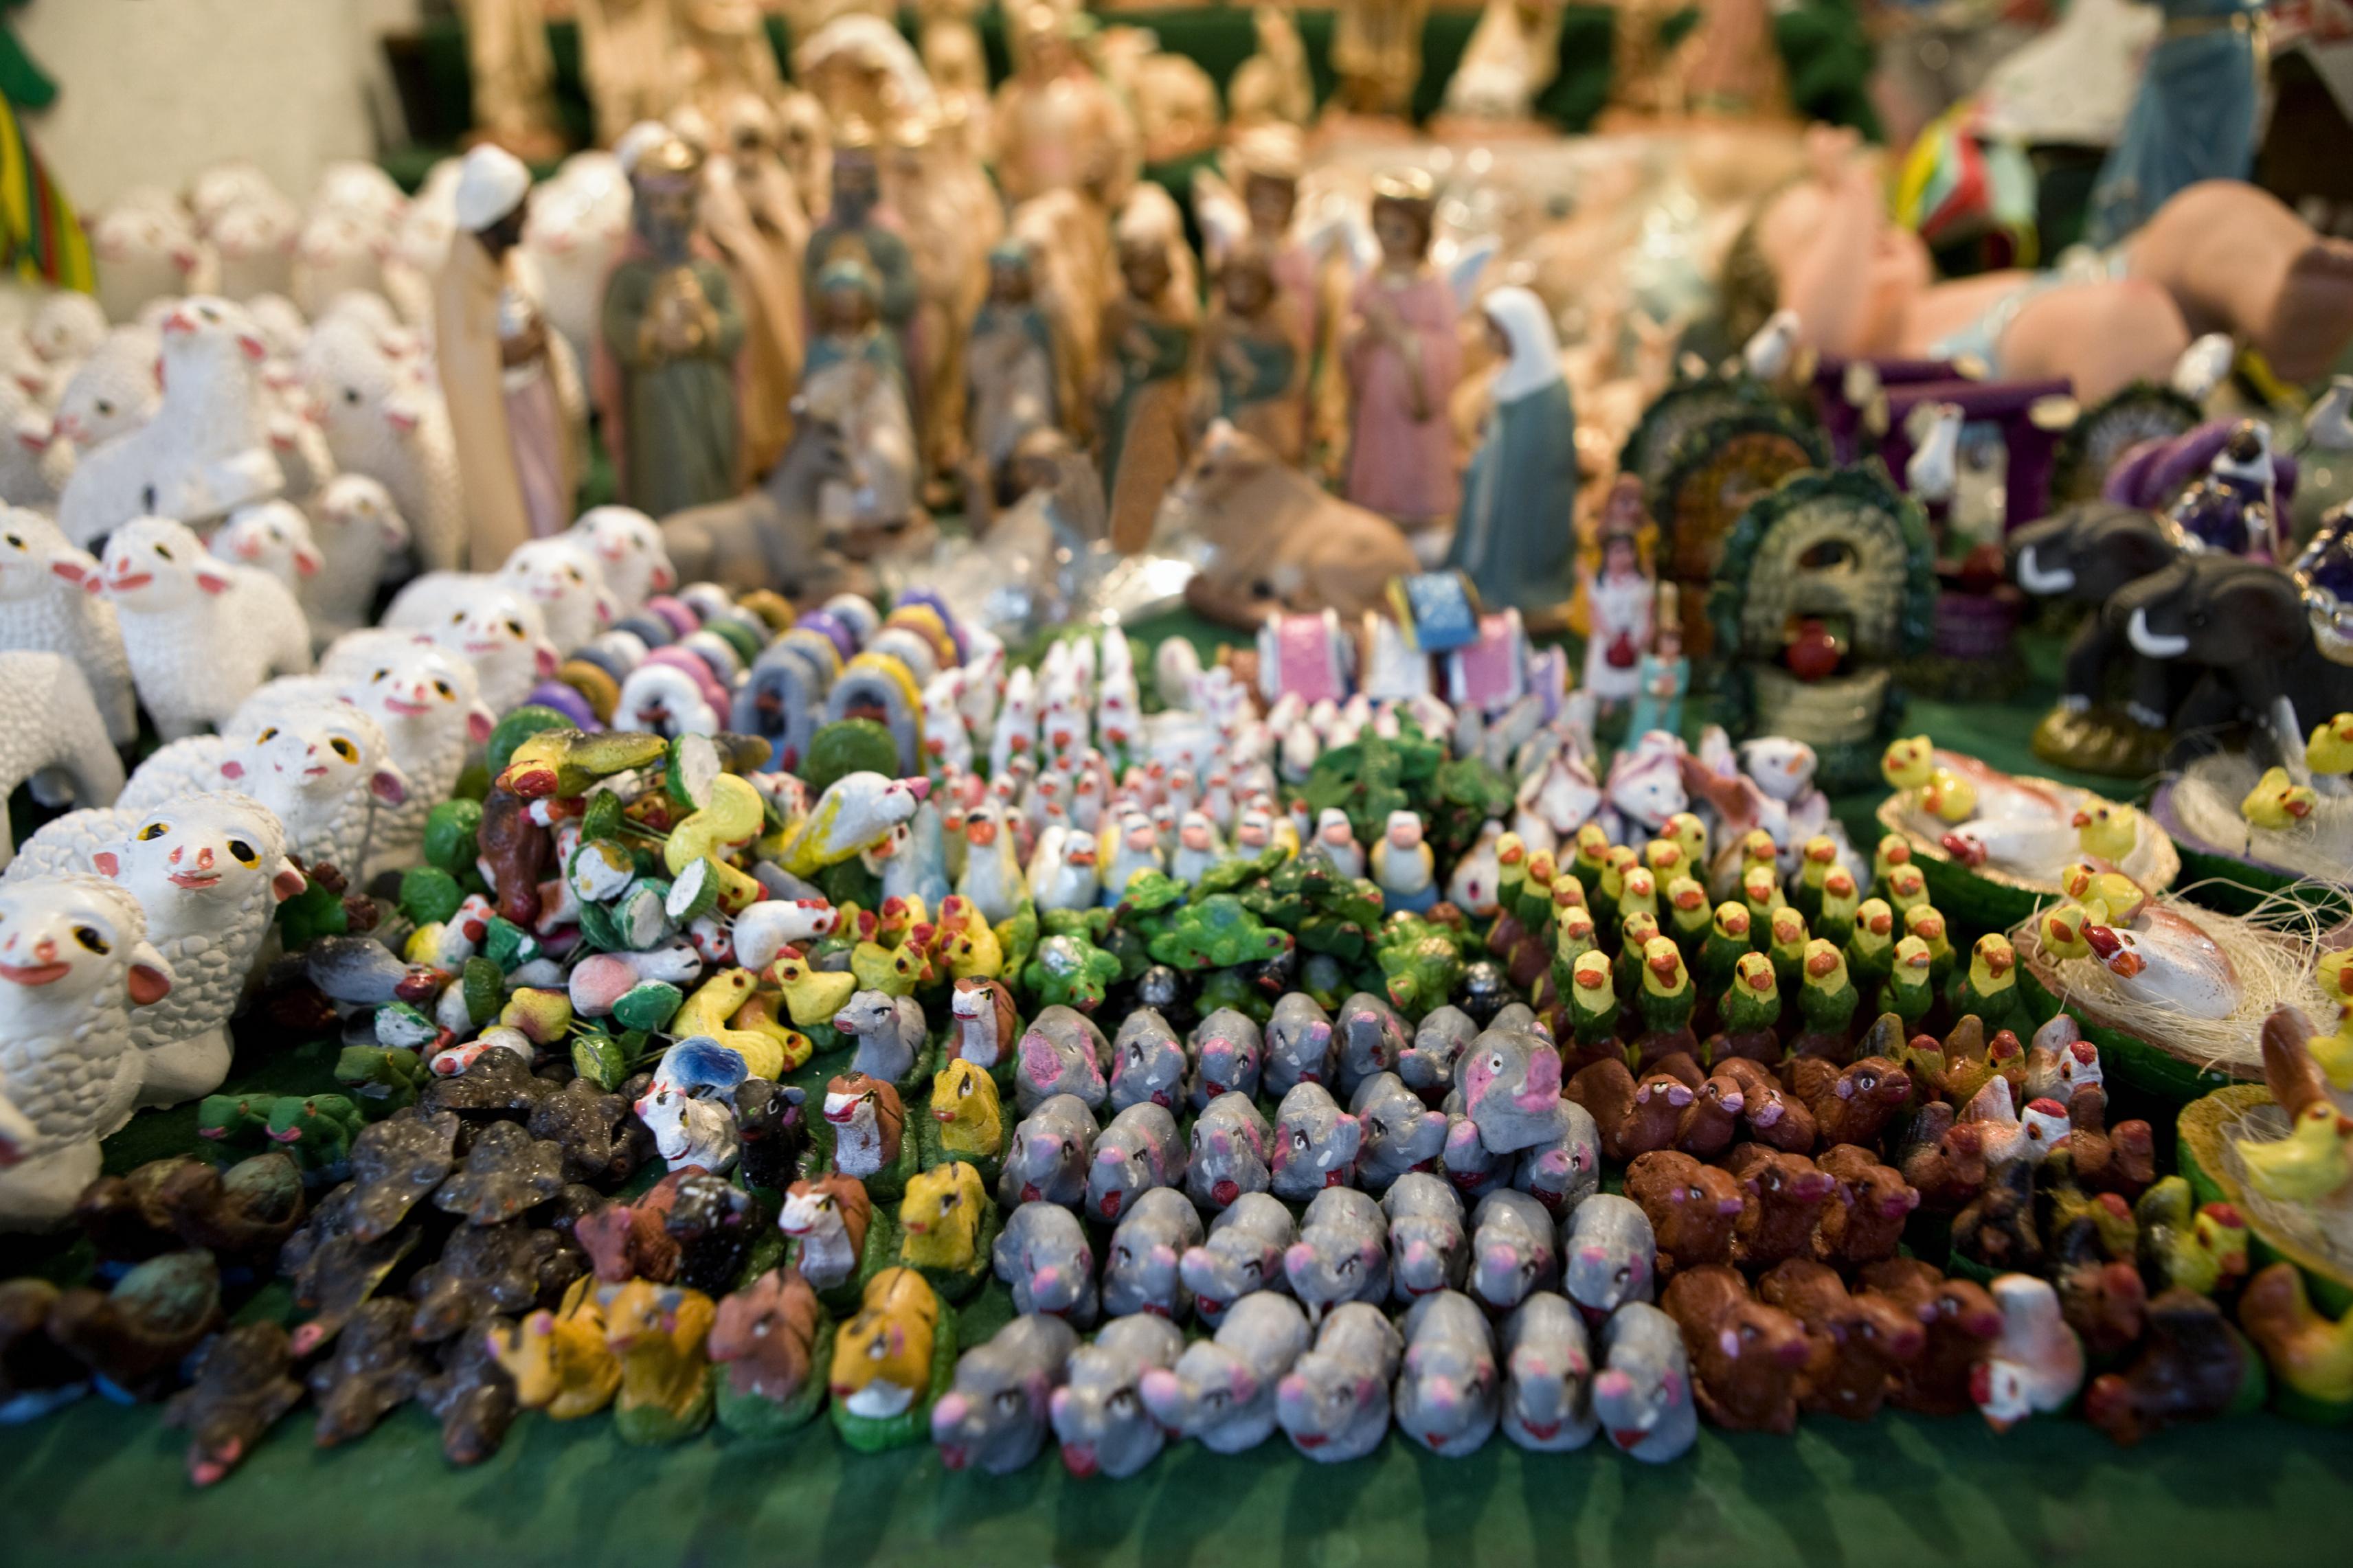 Artículos para decorar en estas fiestas (Foto: Presidencia de la República)